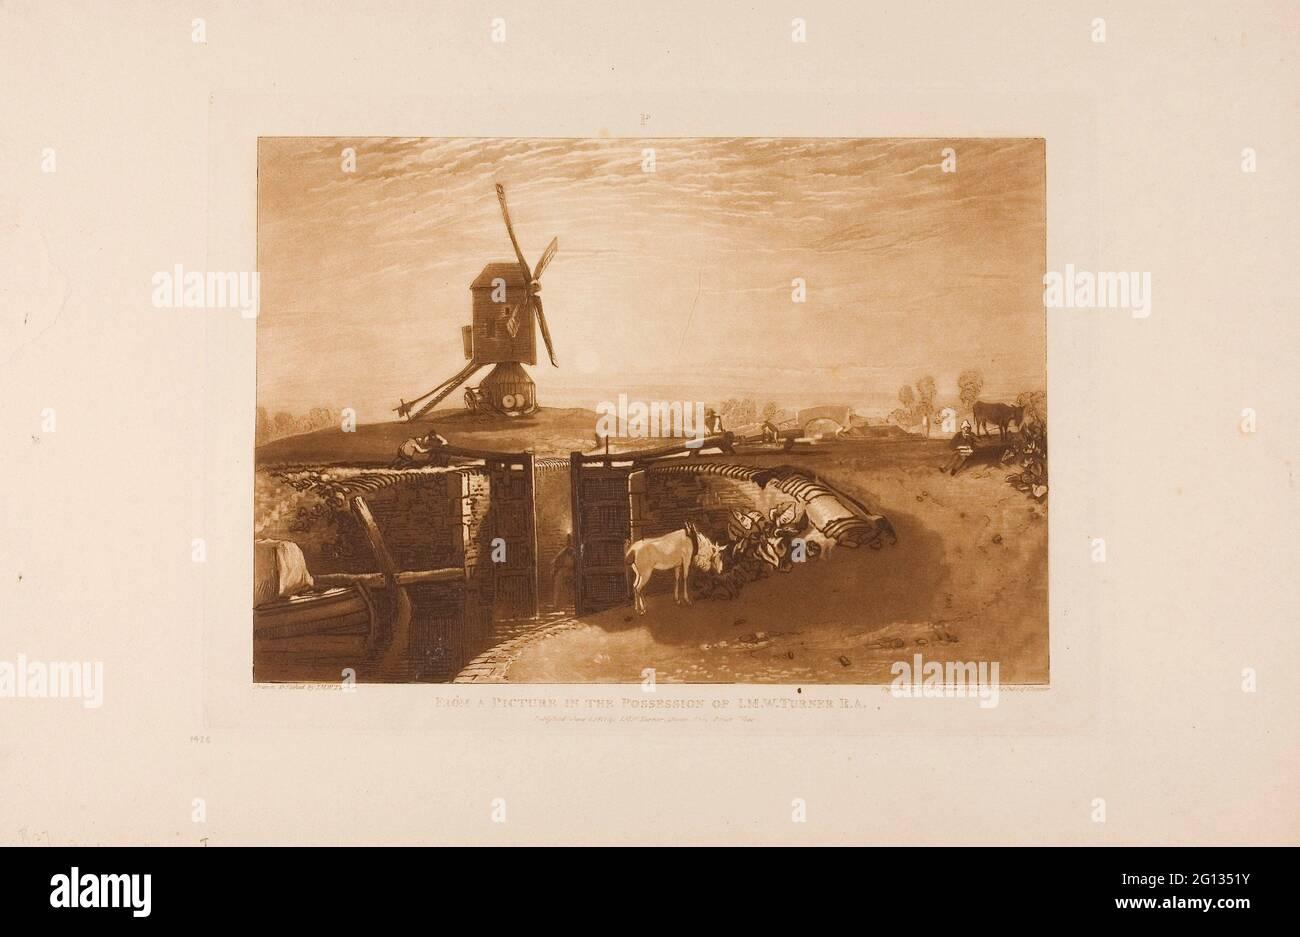 Auteur: Joseph Mallord William Turner. Windmill and Lock, planche 27 de Liber Studiorum - publié le 1er juin 1811 - Joseph Mallord William Turner Banque D'Images